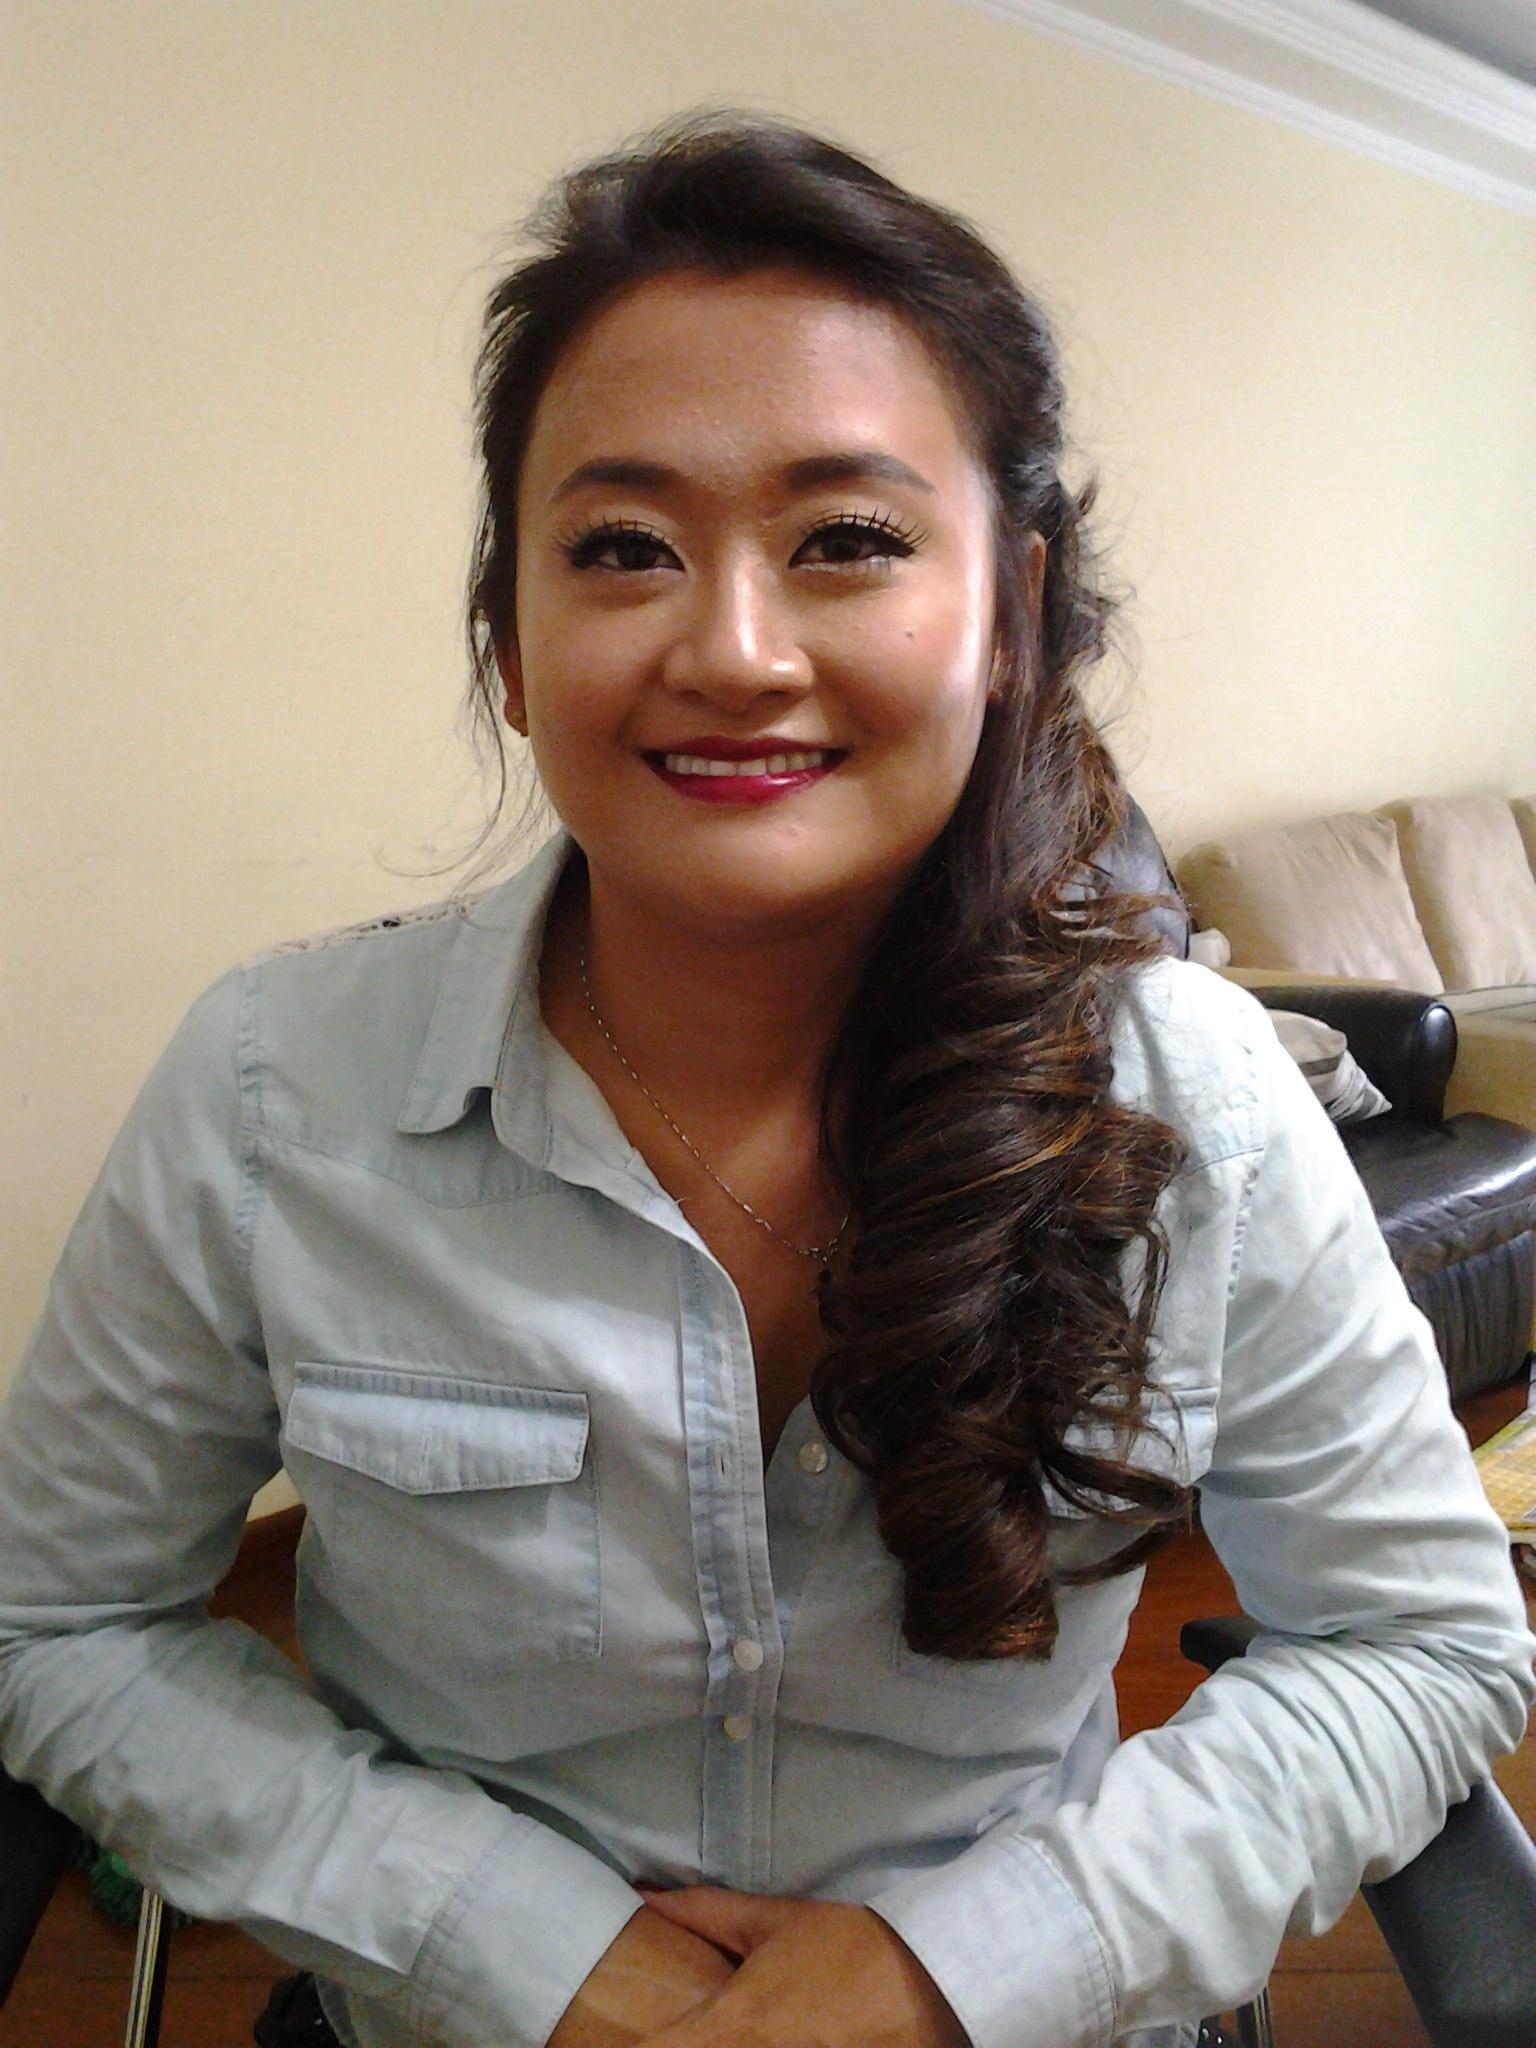 Penteado e maquiagem para madrinha  #koreanstyle #kbeauty #kcosmetic #kcosmetics #makeoriental #coreana #beleza #kpop #novidade #tendencia #rotinacoreana #cuidadooriental #culturekorean #culturacoreana #empoderamento #feminina #rotinacoreana #thebest  #newlook #make #makeoriental #makeuplifestyle #makestyle  cabelo cabeleireiro(a) maquiador(a)